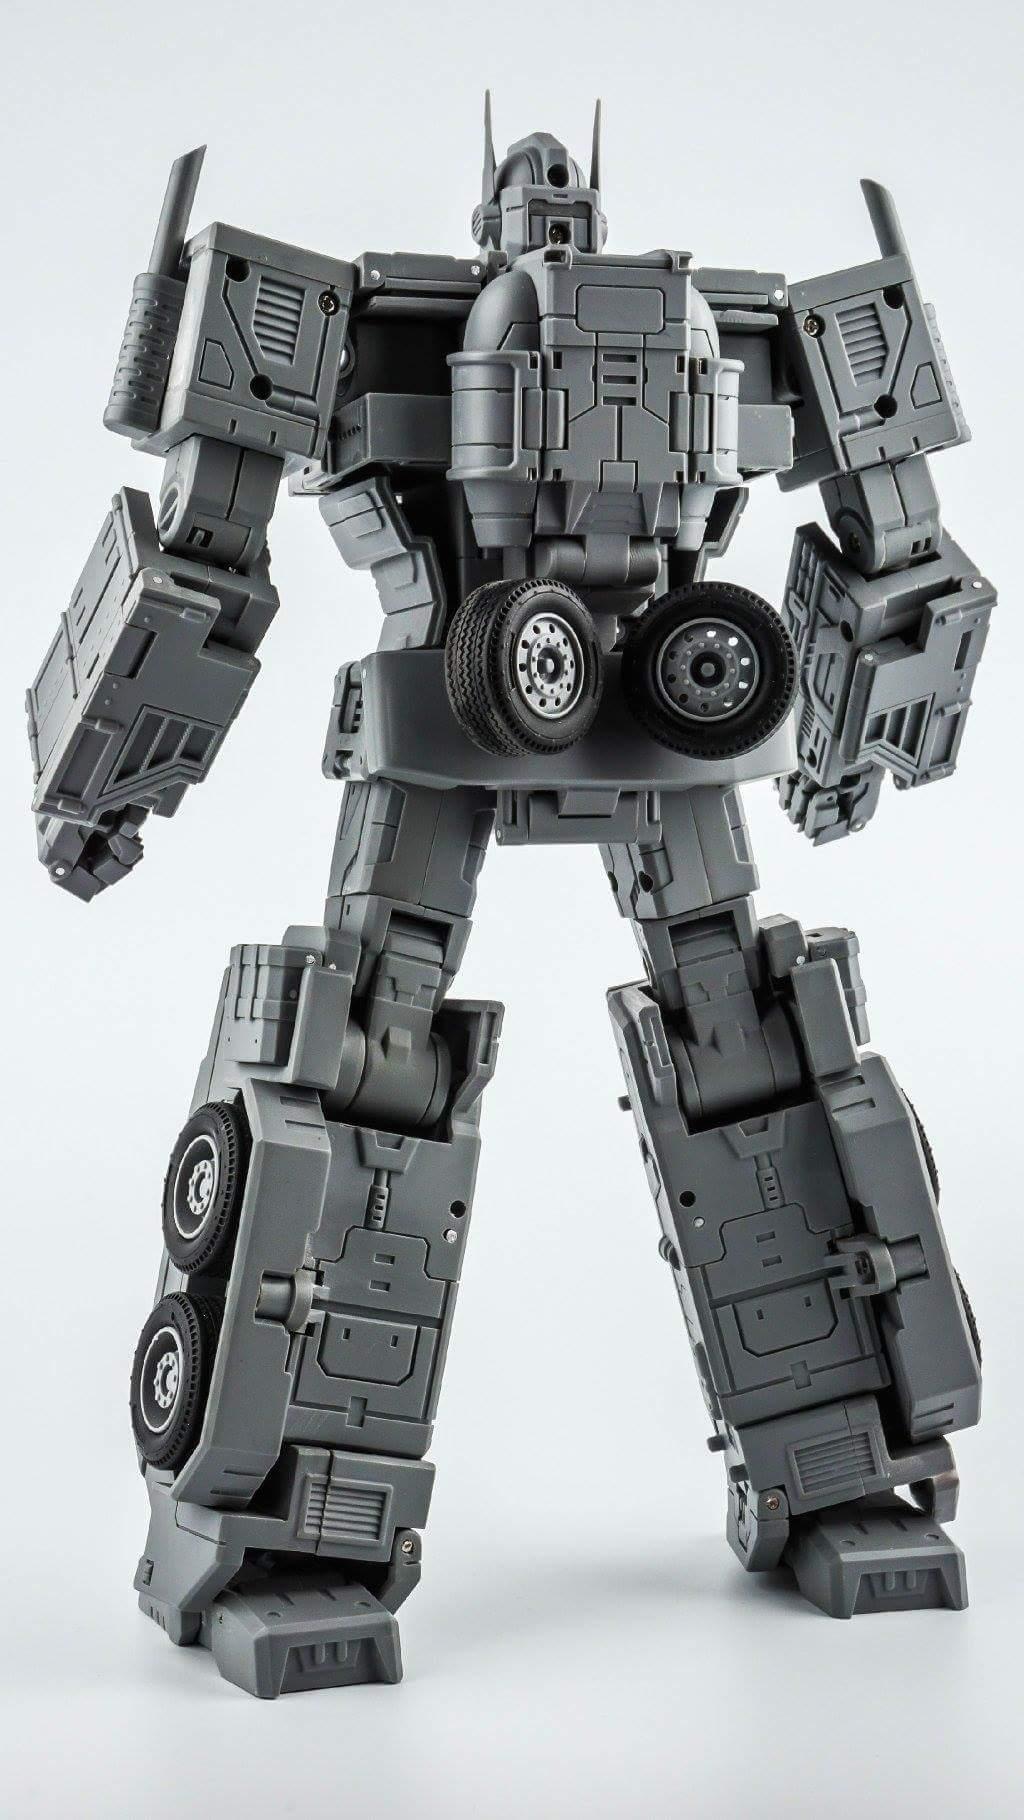 [ToyWorld][Zeta Toys] Produit Tiers - TW-M01 Primorion/Zeta-EX6O OriPrime et Zeta -EX6E EvaPrime - aka Optimus (G1 et Evangelion) QOw4Vr7g